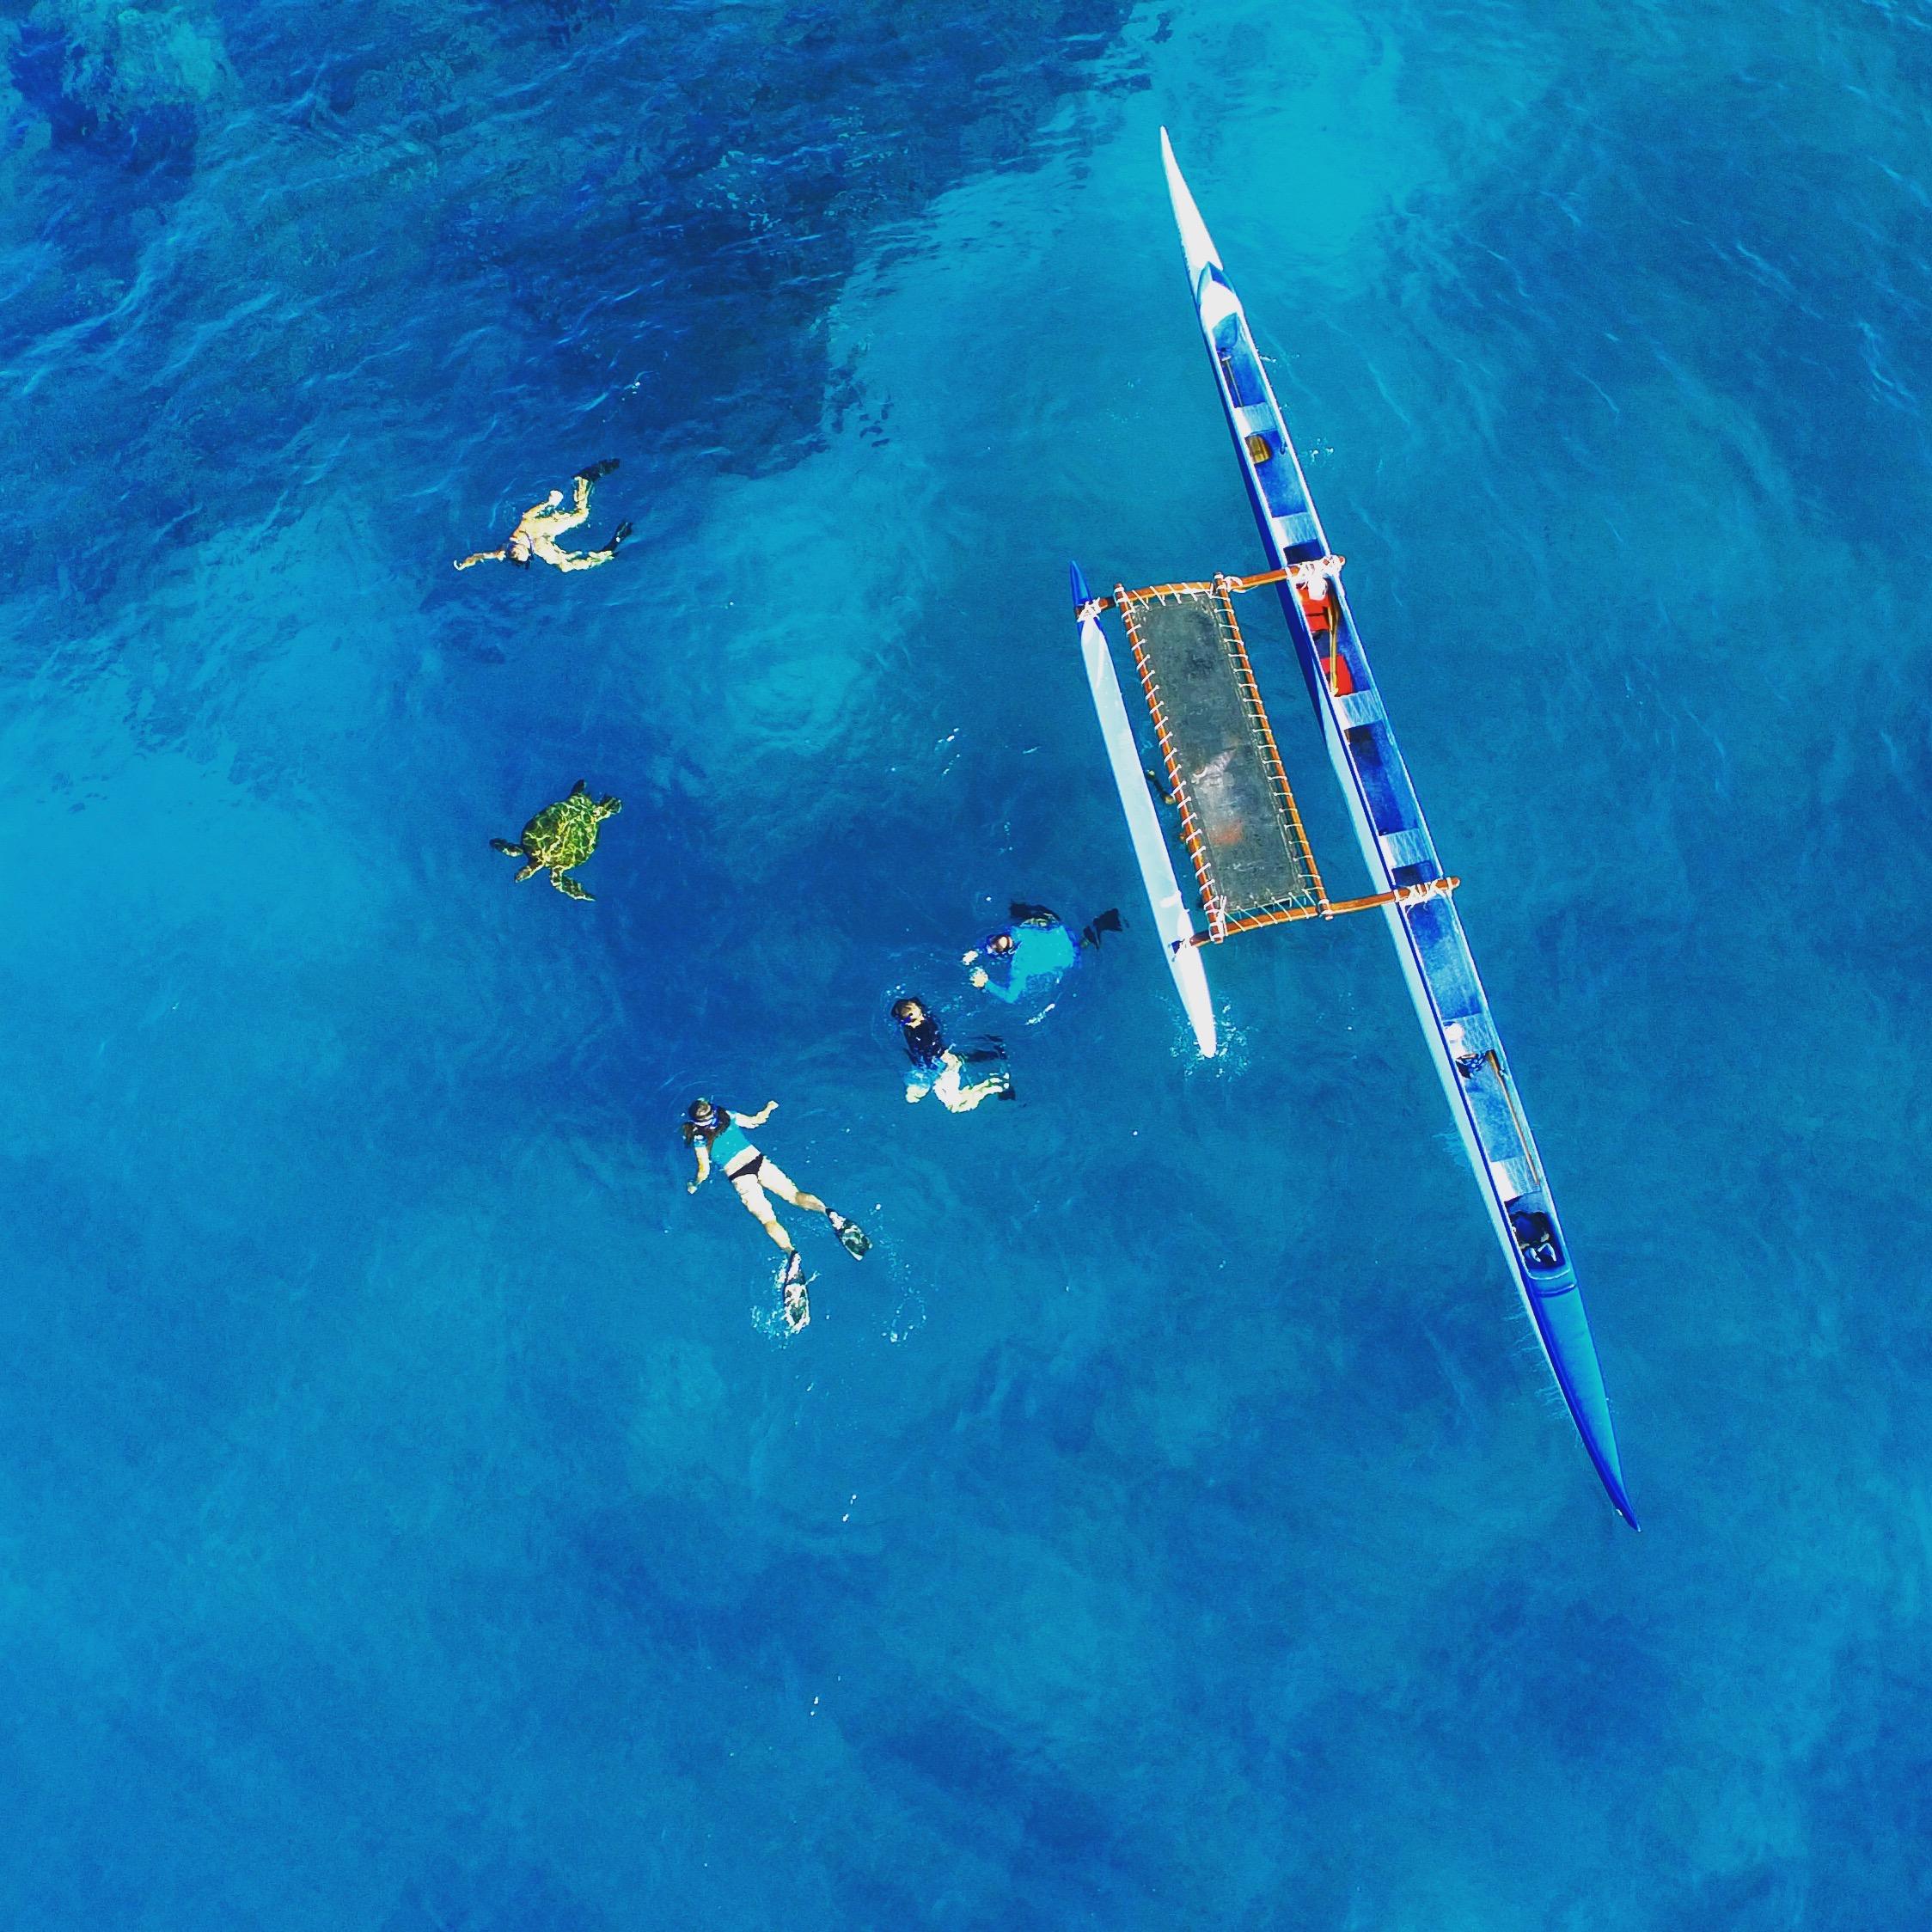 Blue_Soul_Maui_Outrigger_Canoe_9.jpg